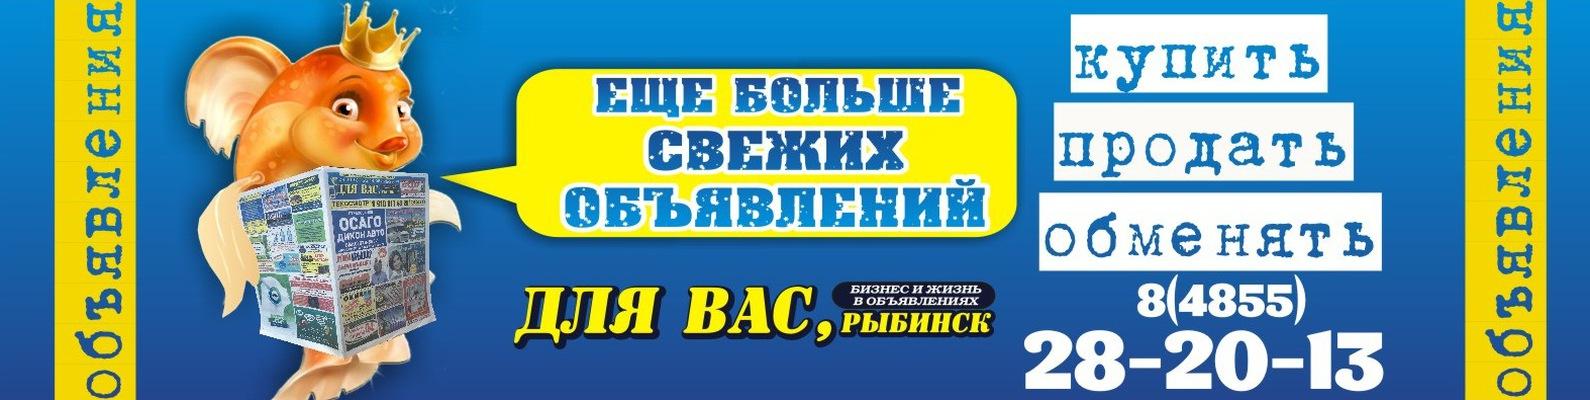 Подать объявление все для вас рыбинск газета давай хабаровск дать объявление